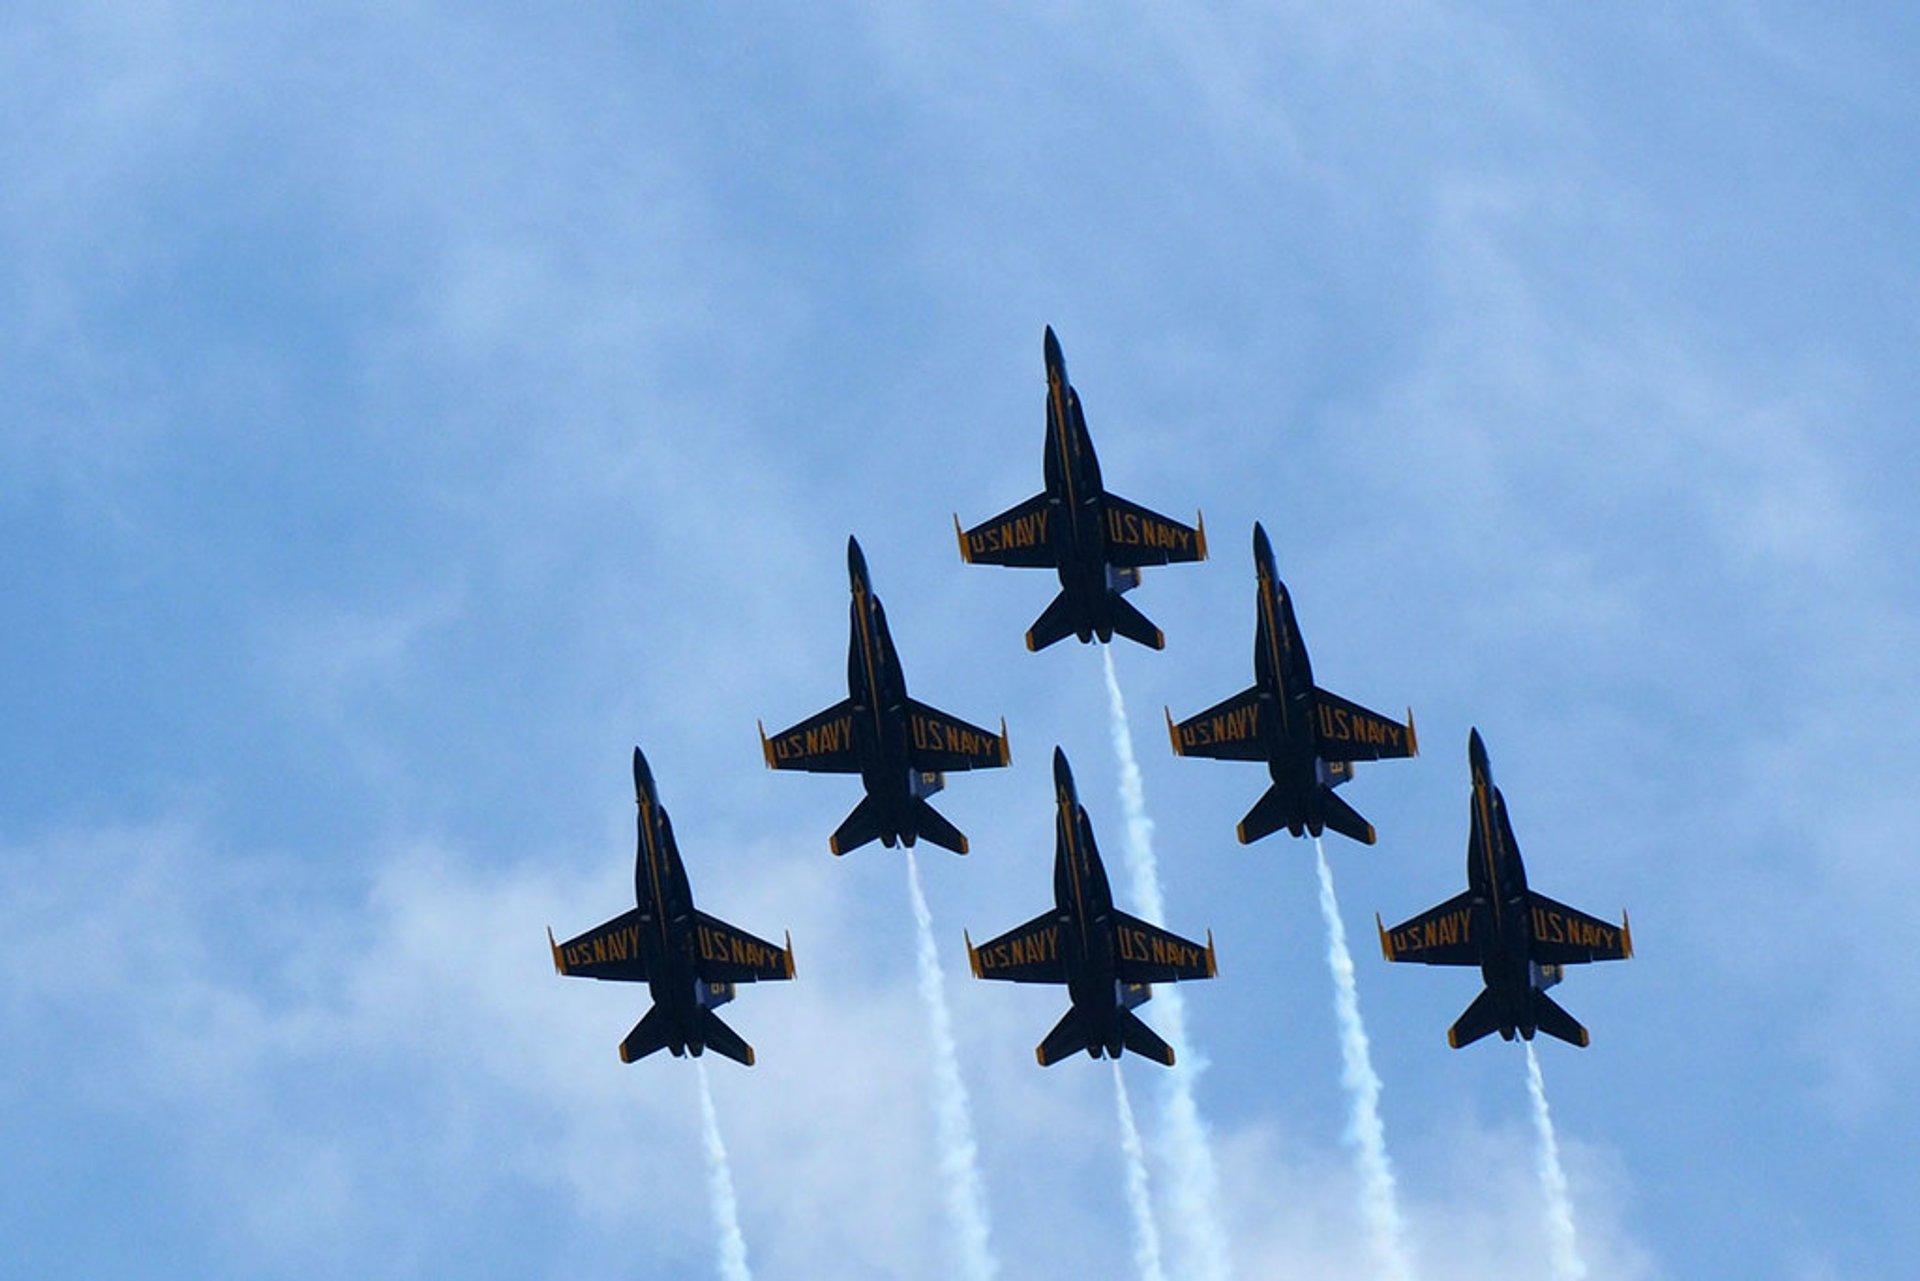 U.S. Navy Blue Angels in Dayton 2020